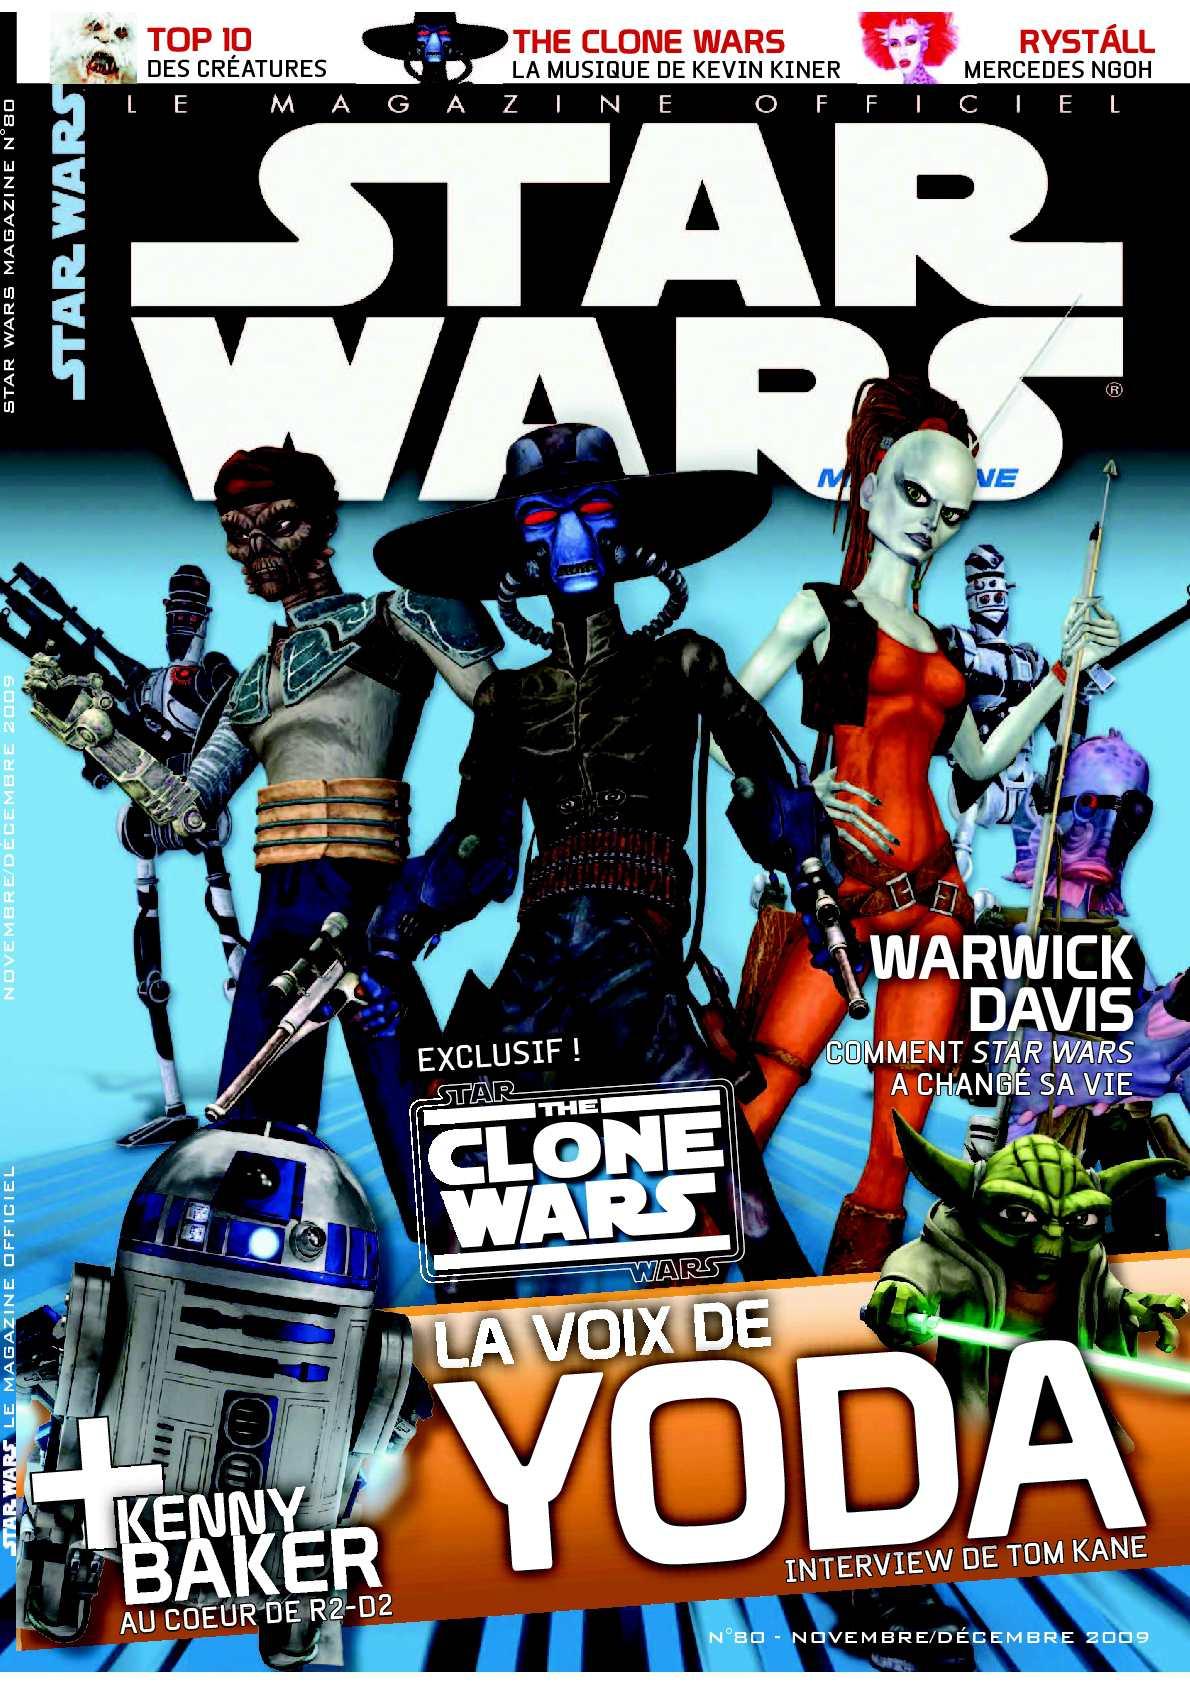 Star Wars Galactic Heroes Vous Choisissez Aurra Sing Cad Bane chasseurs de primes